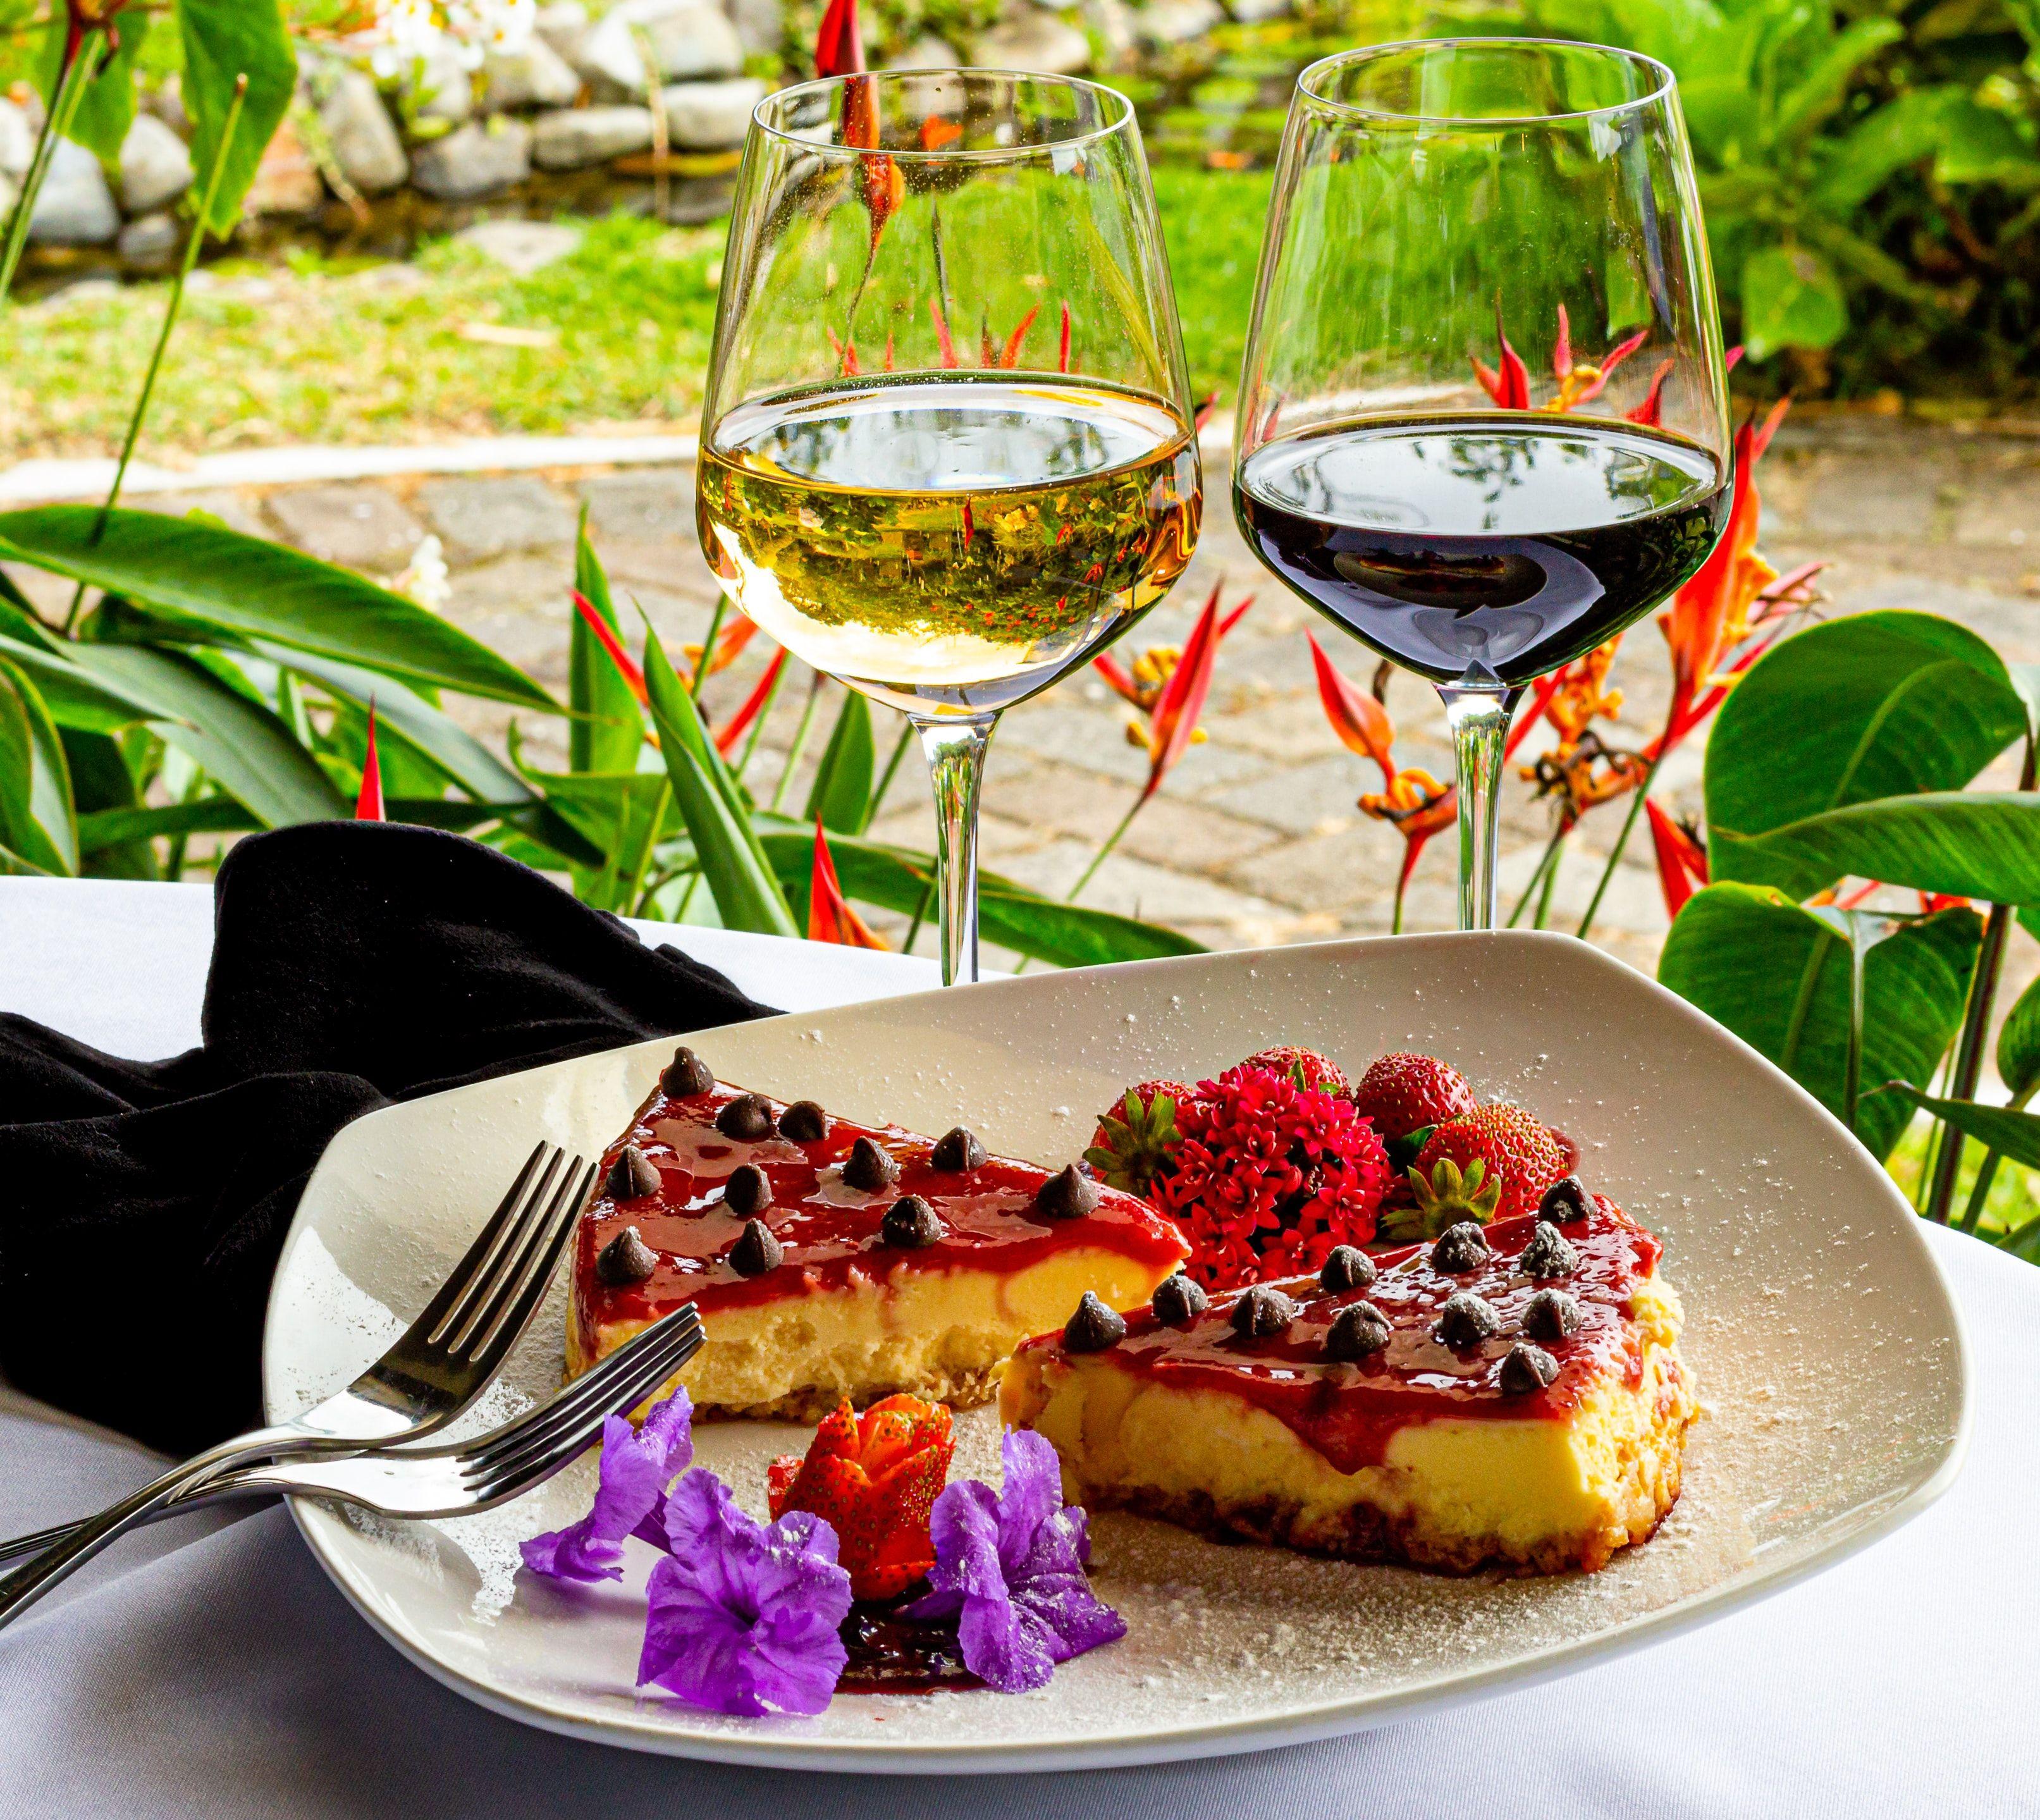 Alguns vinhos de sobremesa harmonizam bem com pratos doces. Foto: Fran Hogan/Unsplash